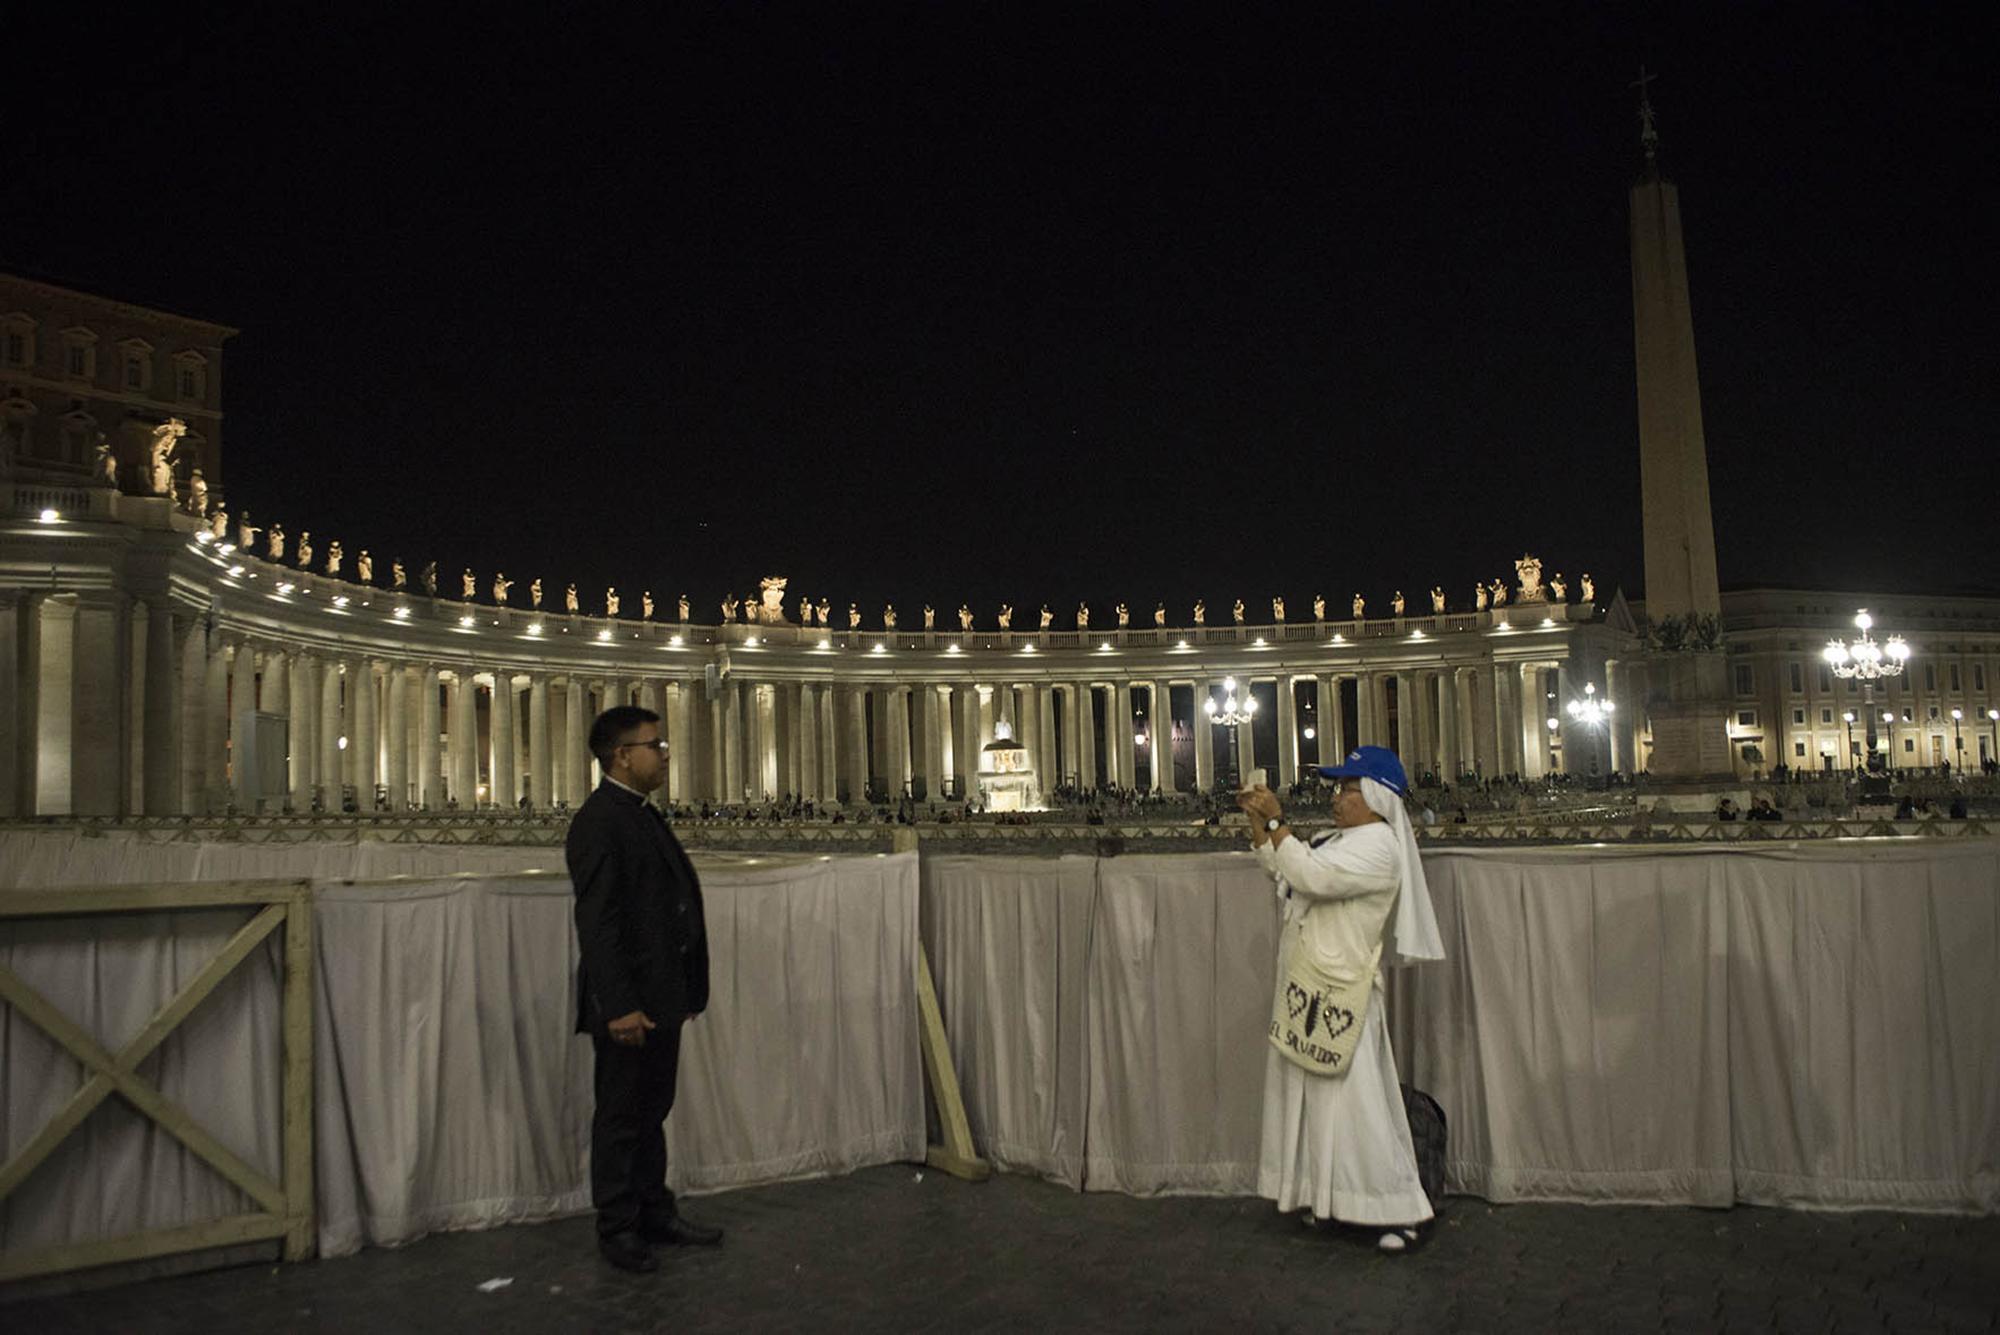 Asistentes a la ceremonia de canonización de monseñor Óscar Arnulfo Romero, en la sede de El Vaticano, Roma, 14 de octubre de 2018. Foto: Marco Valle.